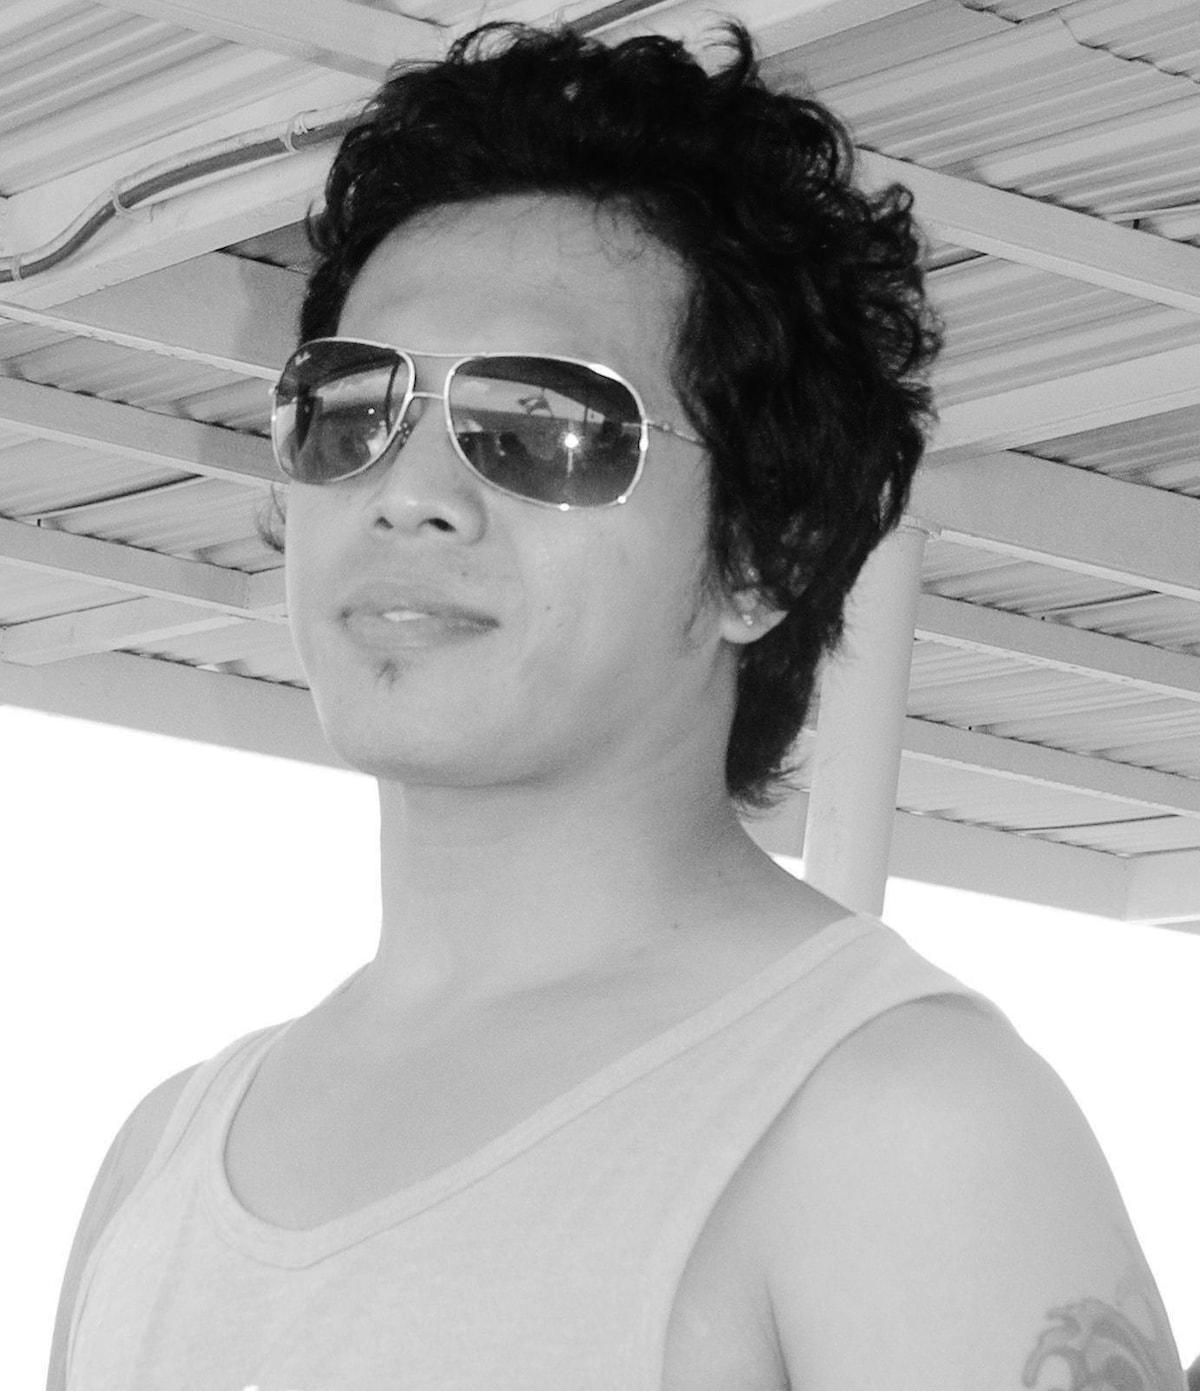 Jay from Kuta